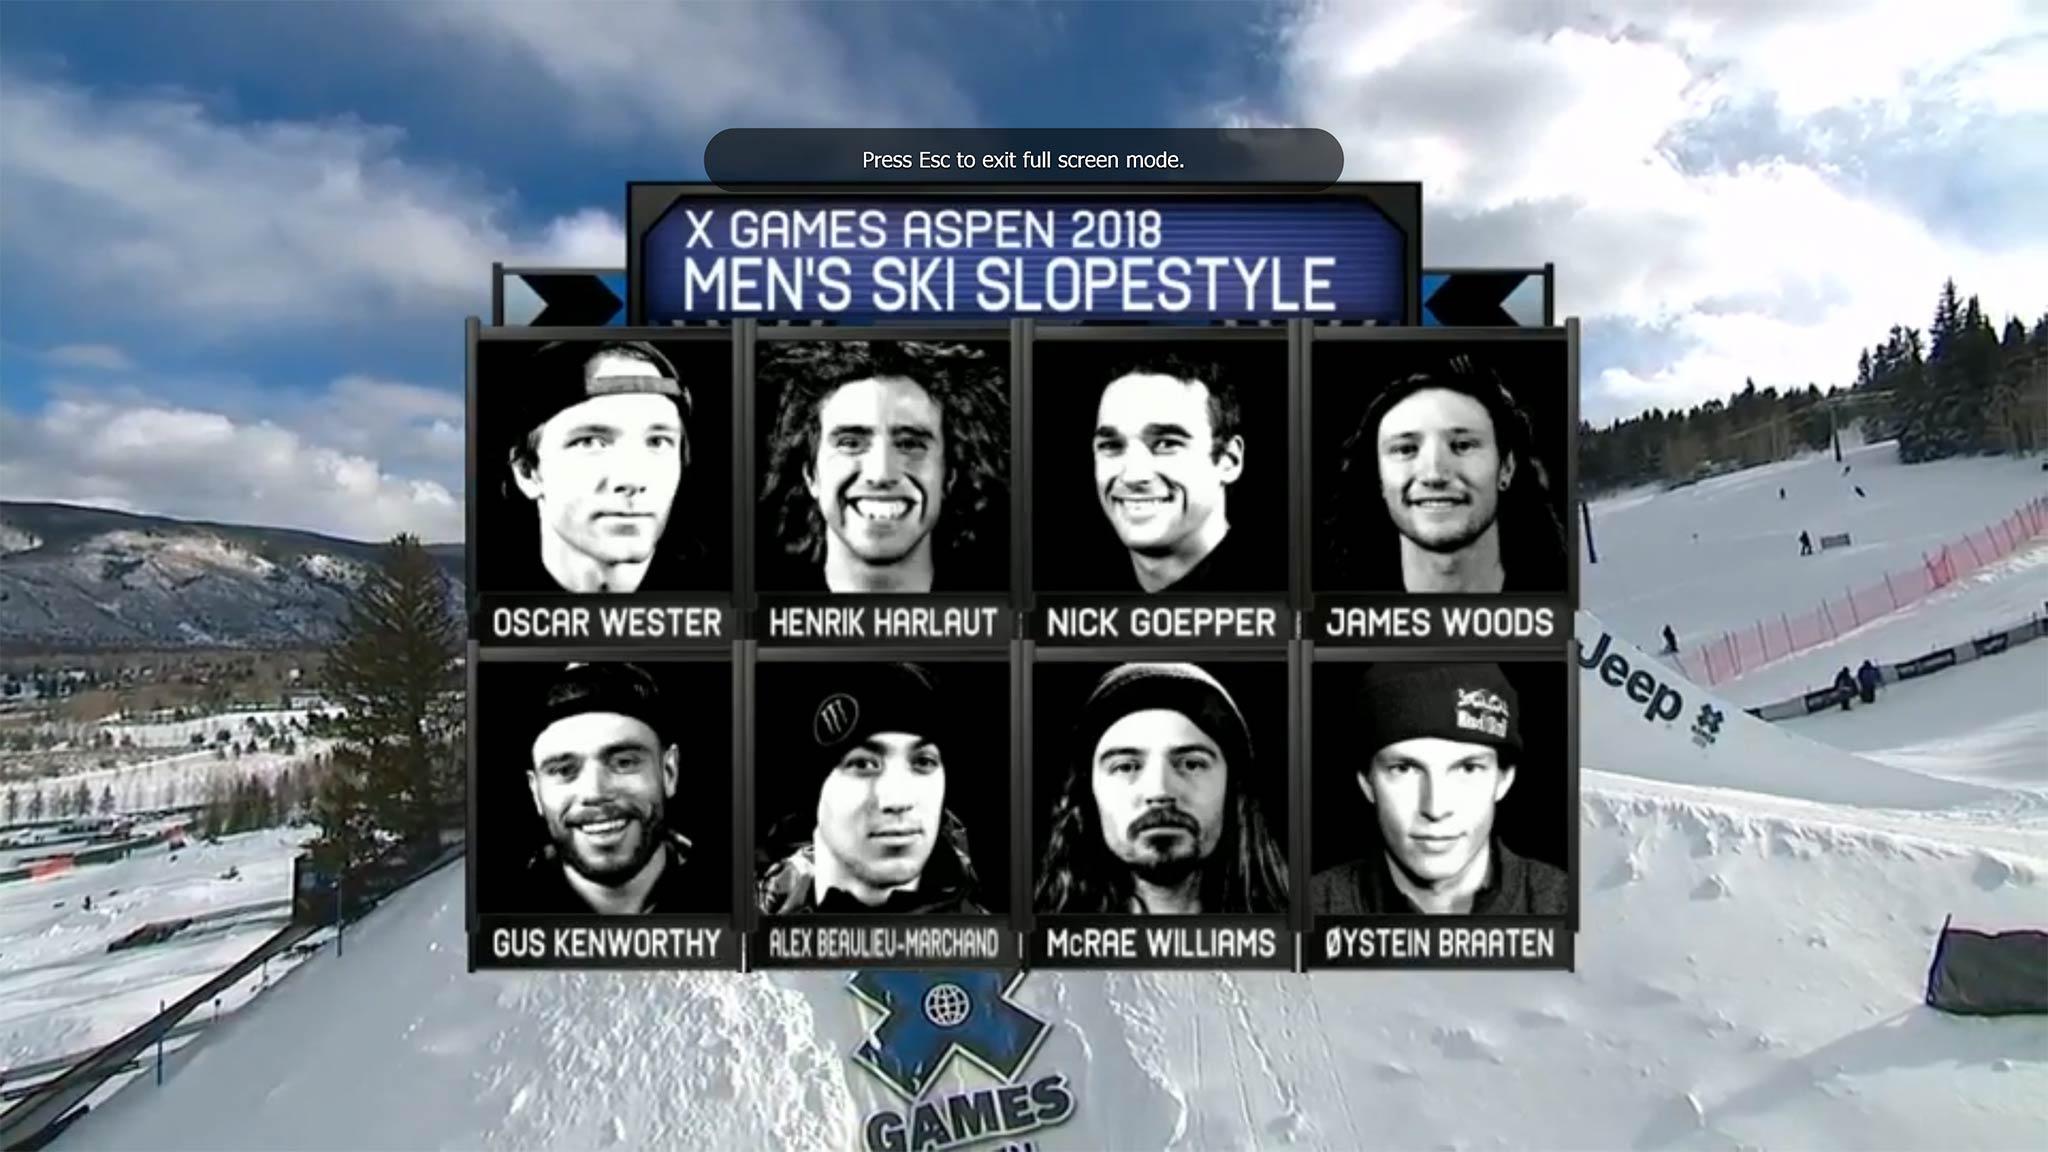 Diese 8 Rider stehen bei den Winter X Games 2018 in Aspen am Sonntag im Slopestyle Finale